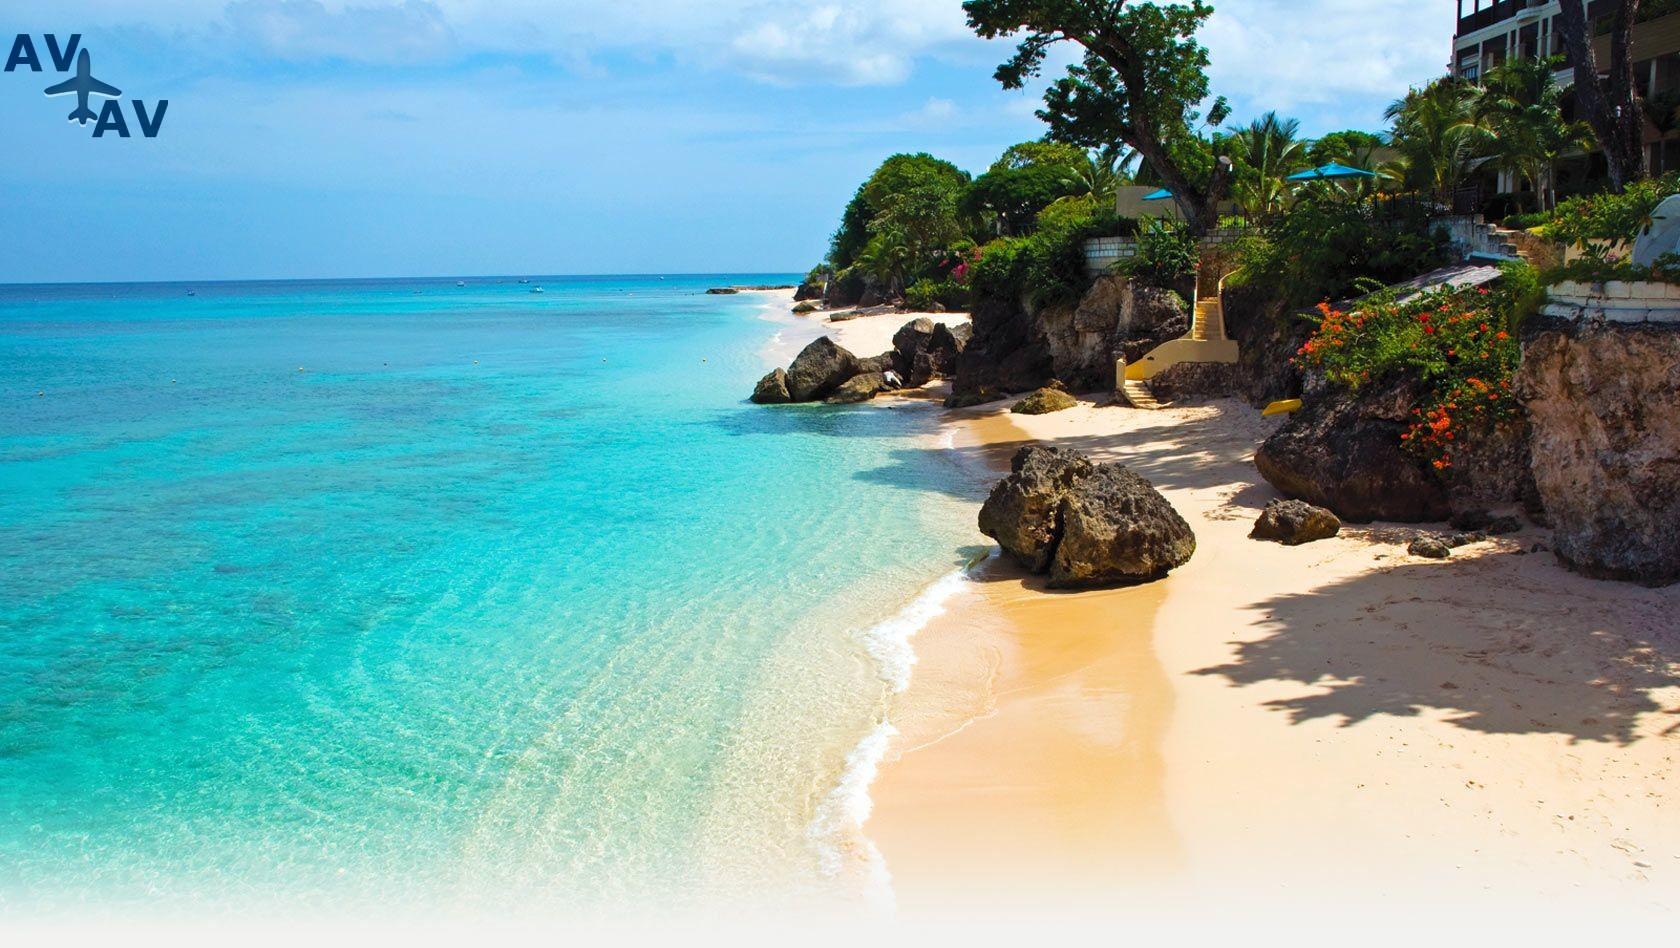 Barbados ostrov dlya otdyiha - Барбадос - остров для отдыха